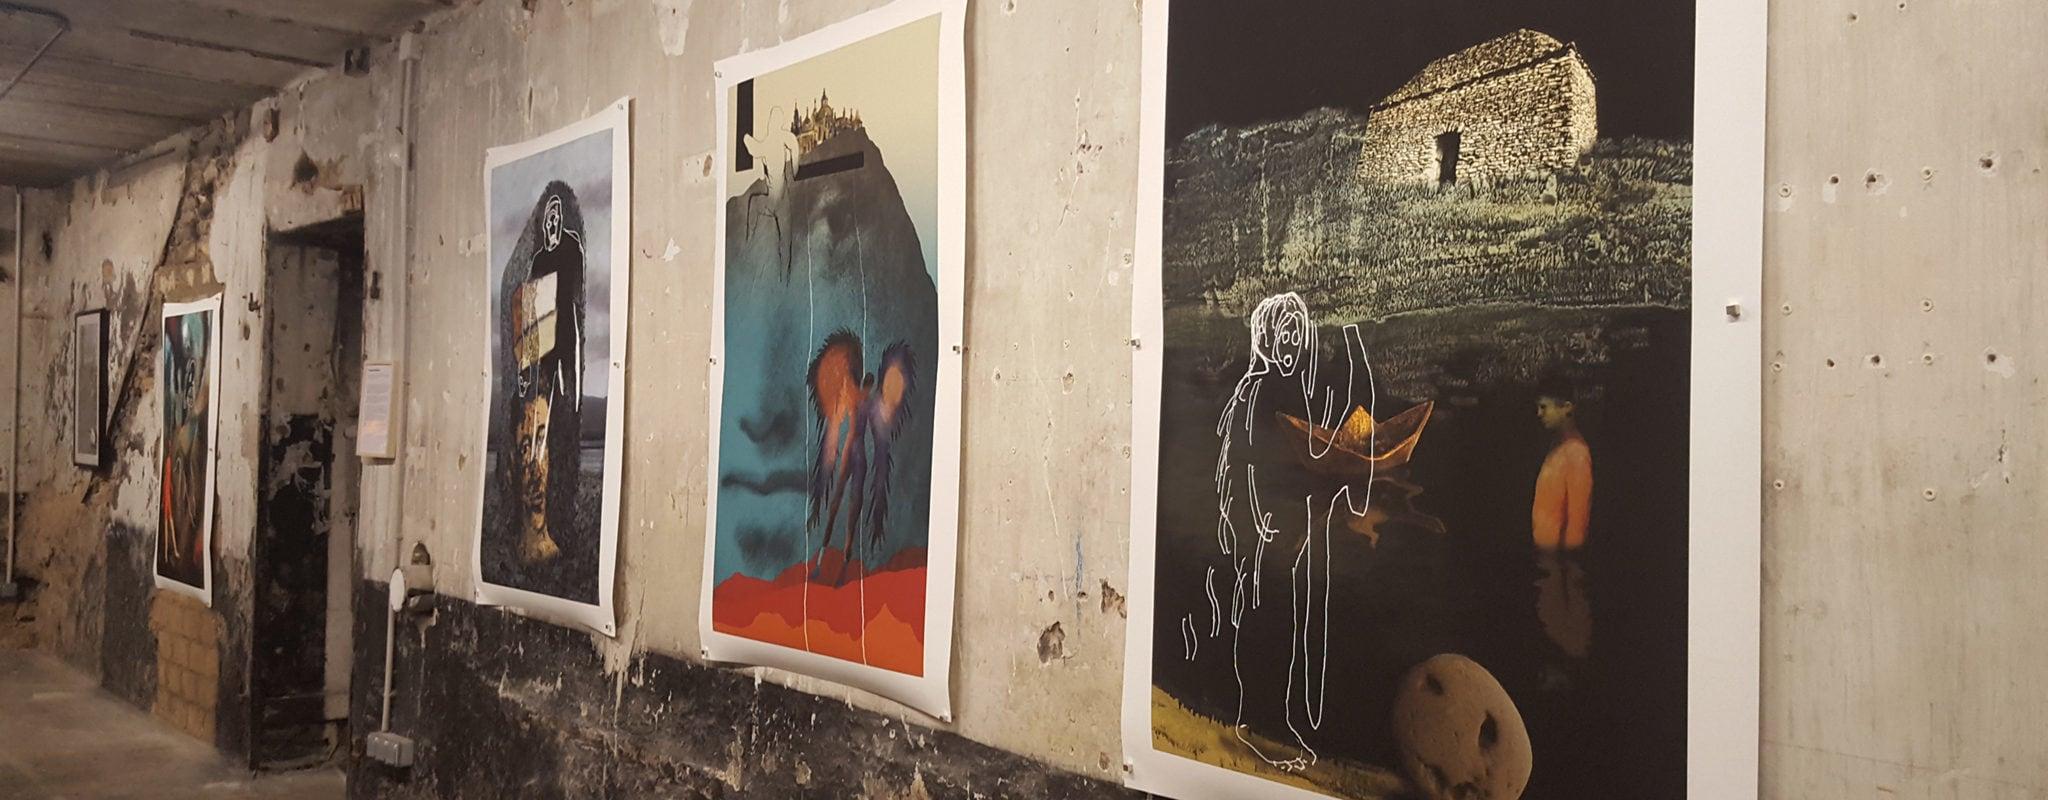 À la galerie Aedaen, la résistance colorée des murs en béton avec Banlieue-Banlieue et Antoine Hoffmann